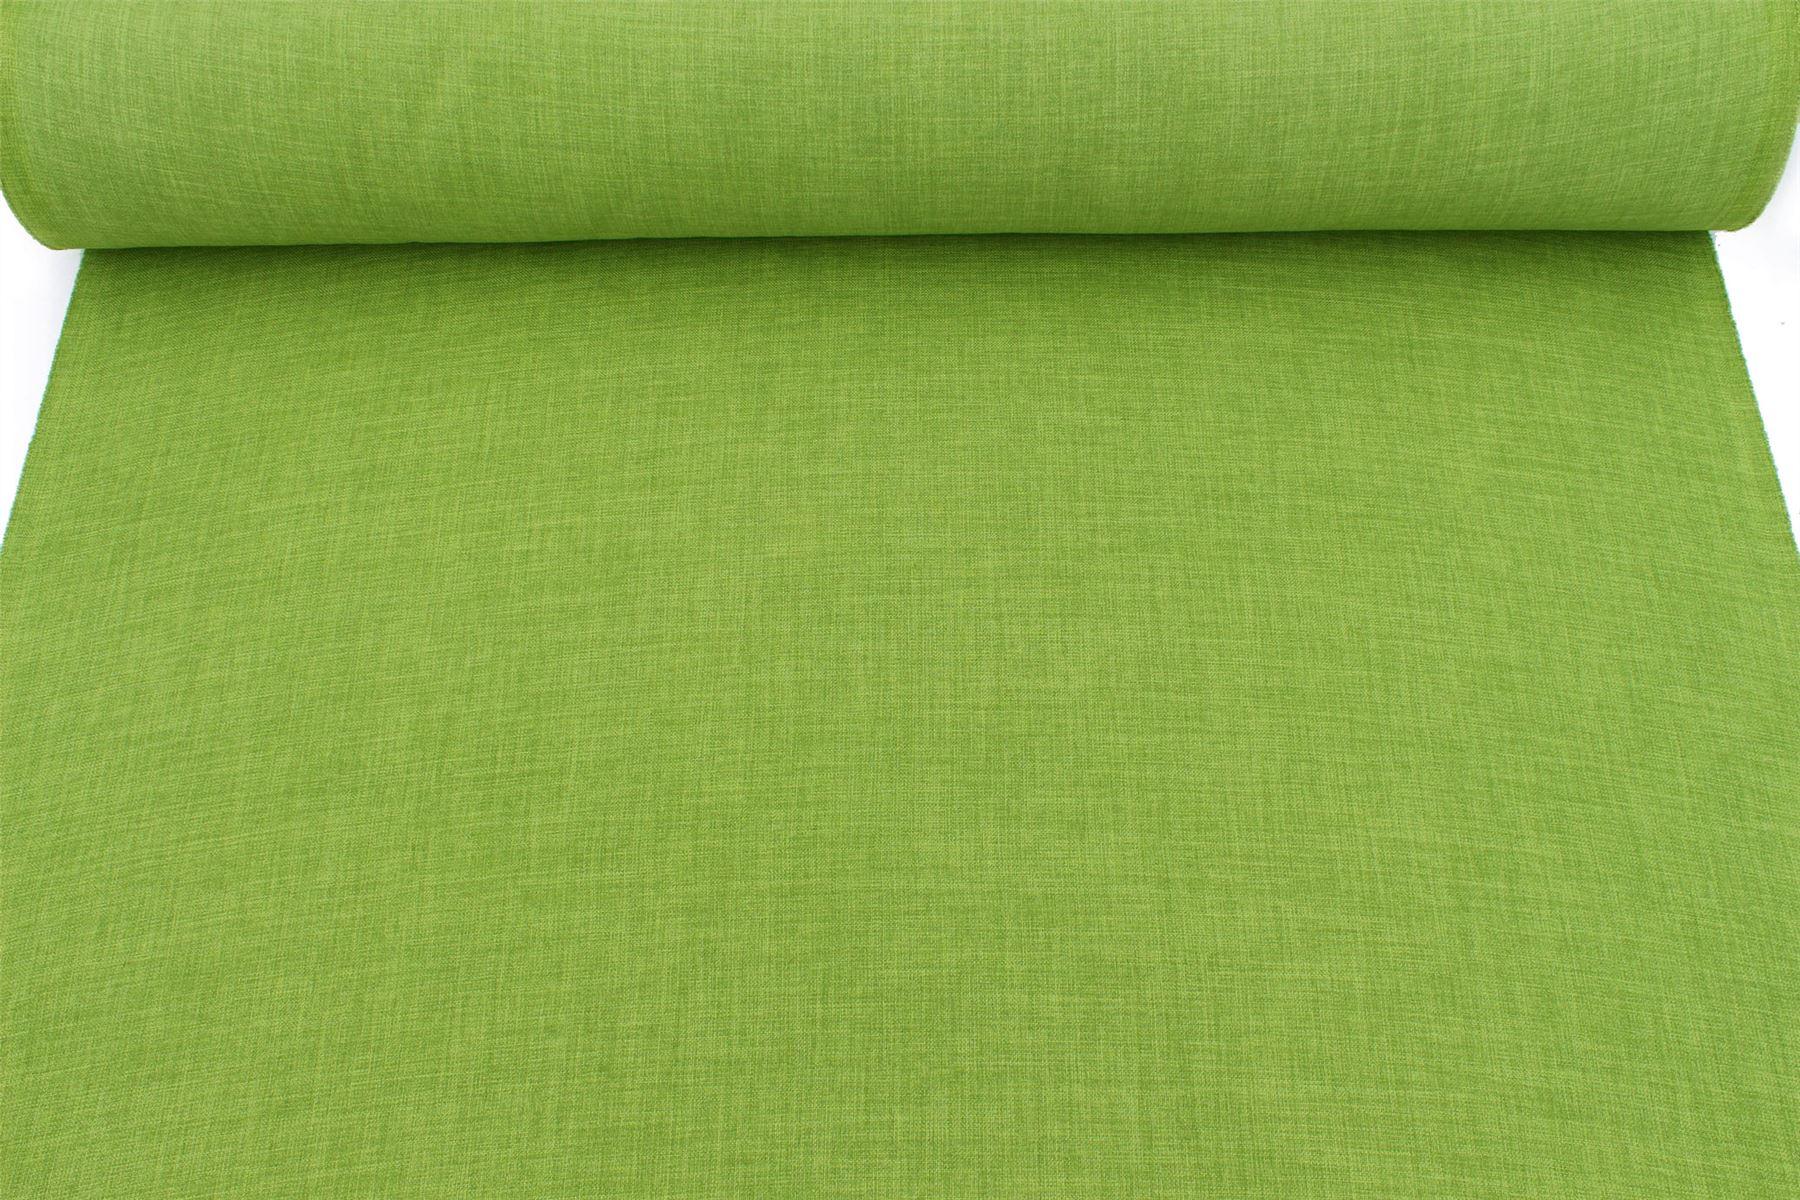 soft sofa material sectional sofas cheap plain linen look designer curtain cushion